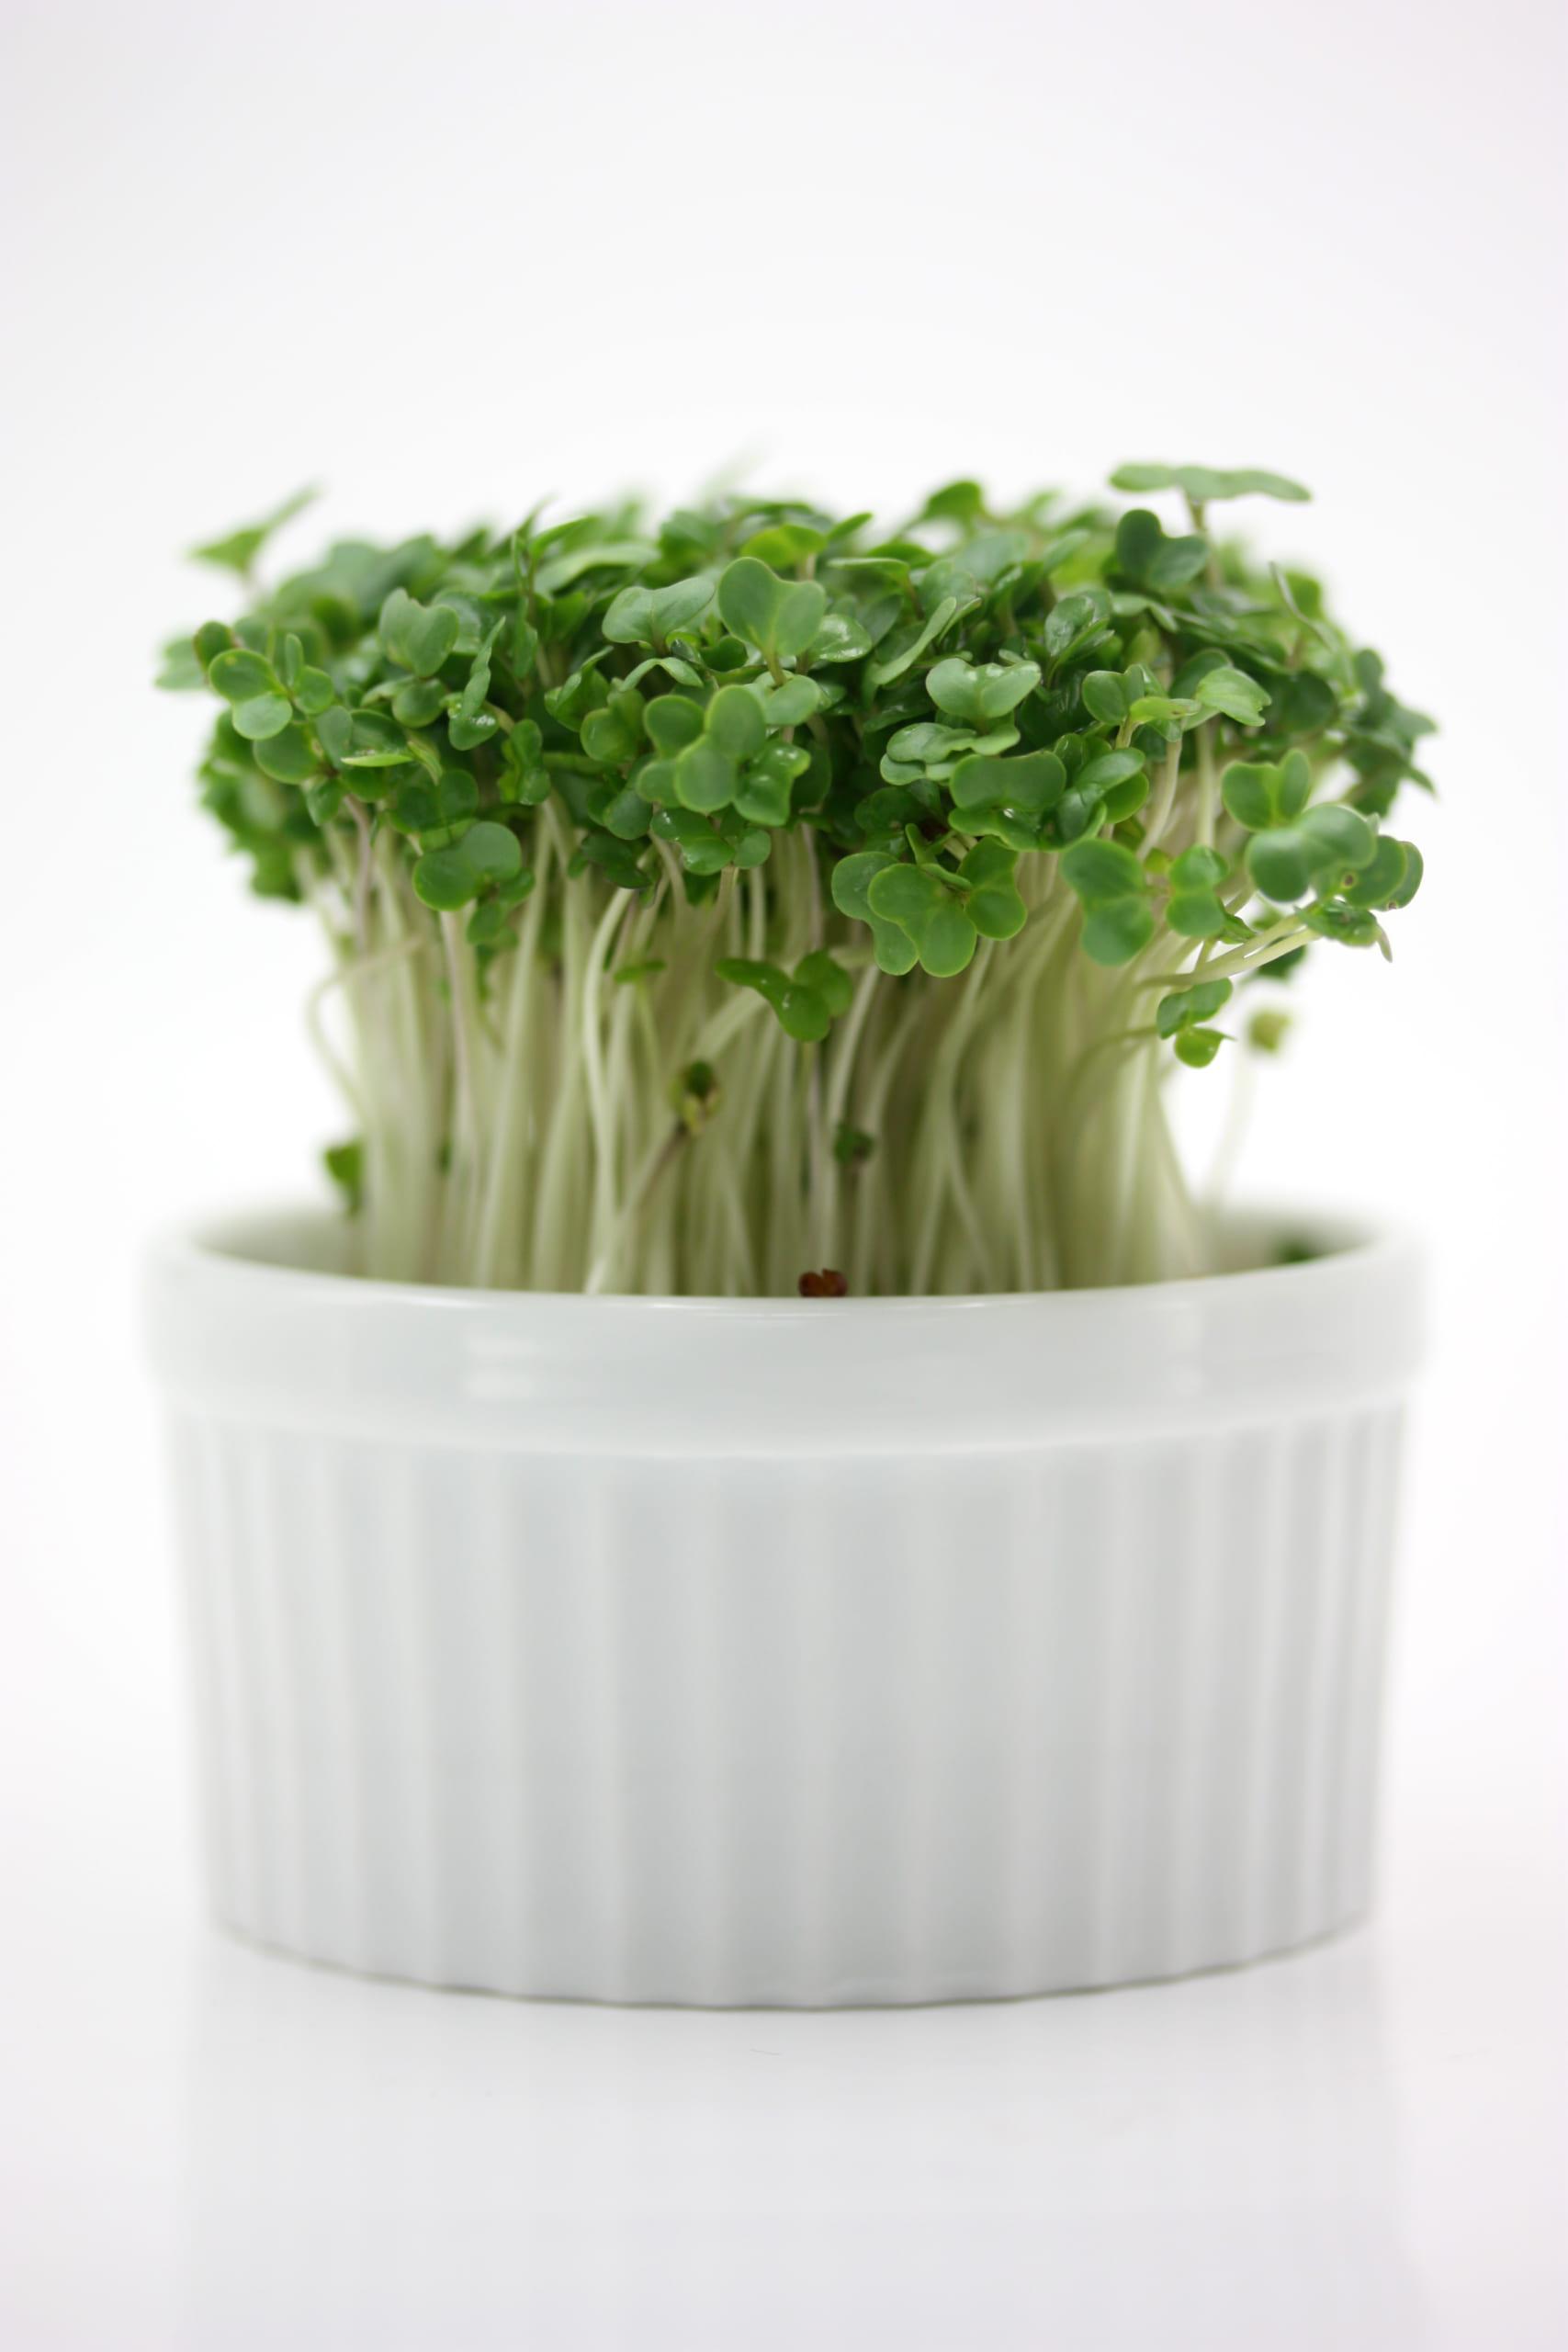 抗がん効果で脚光を浴びる高機能野菜とは?